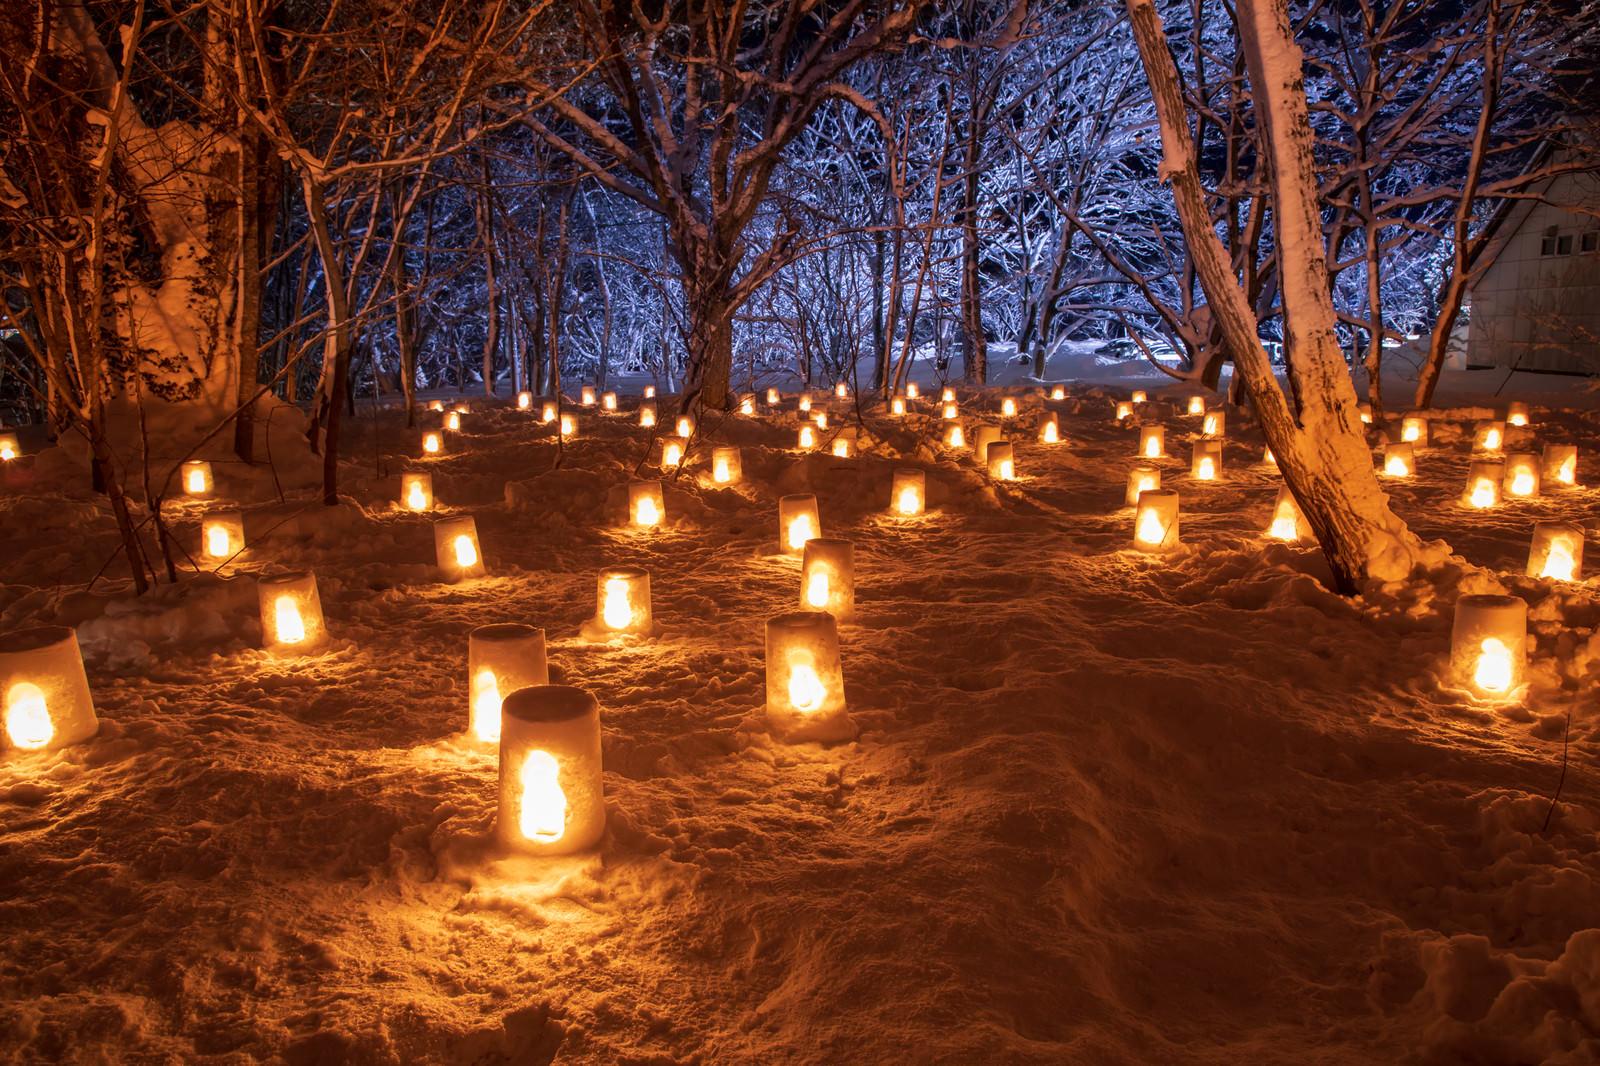 「西和賀雪あかり祭り(岩手県和賀郡)」の写真